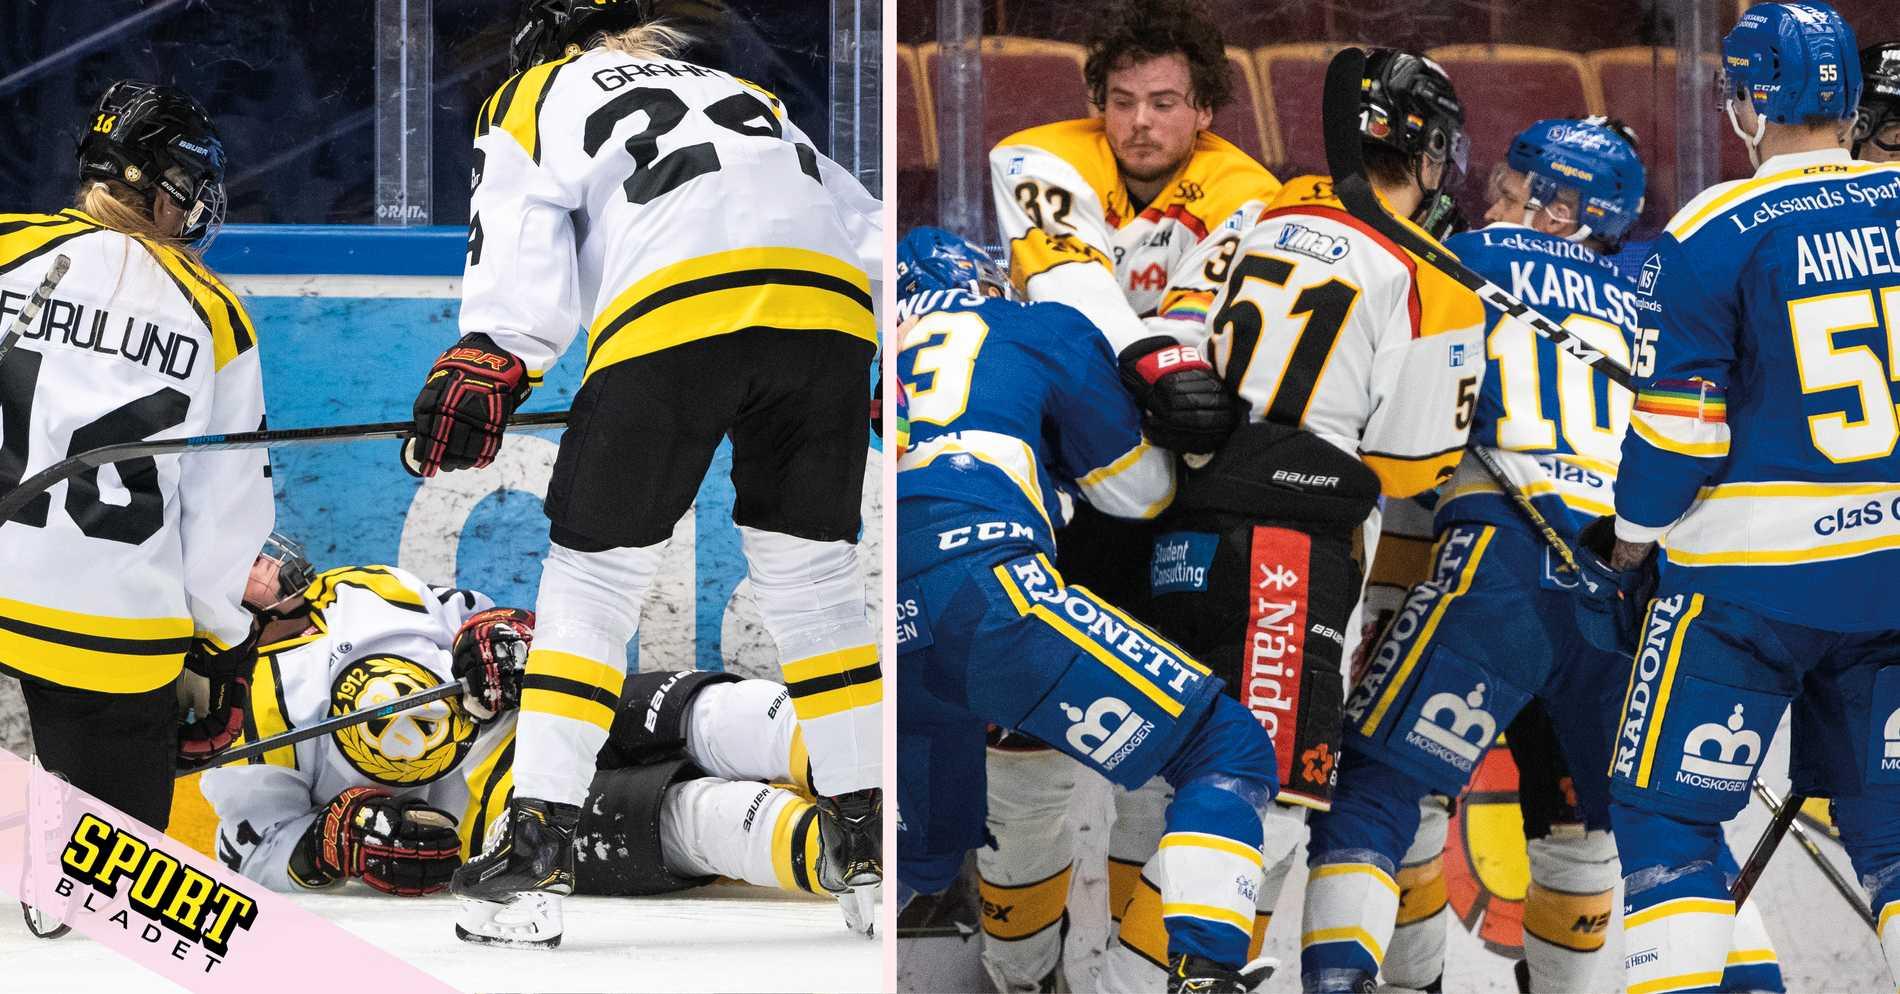 Tandprojekt ska lösa hockeyns gåta